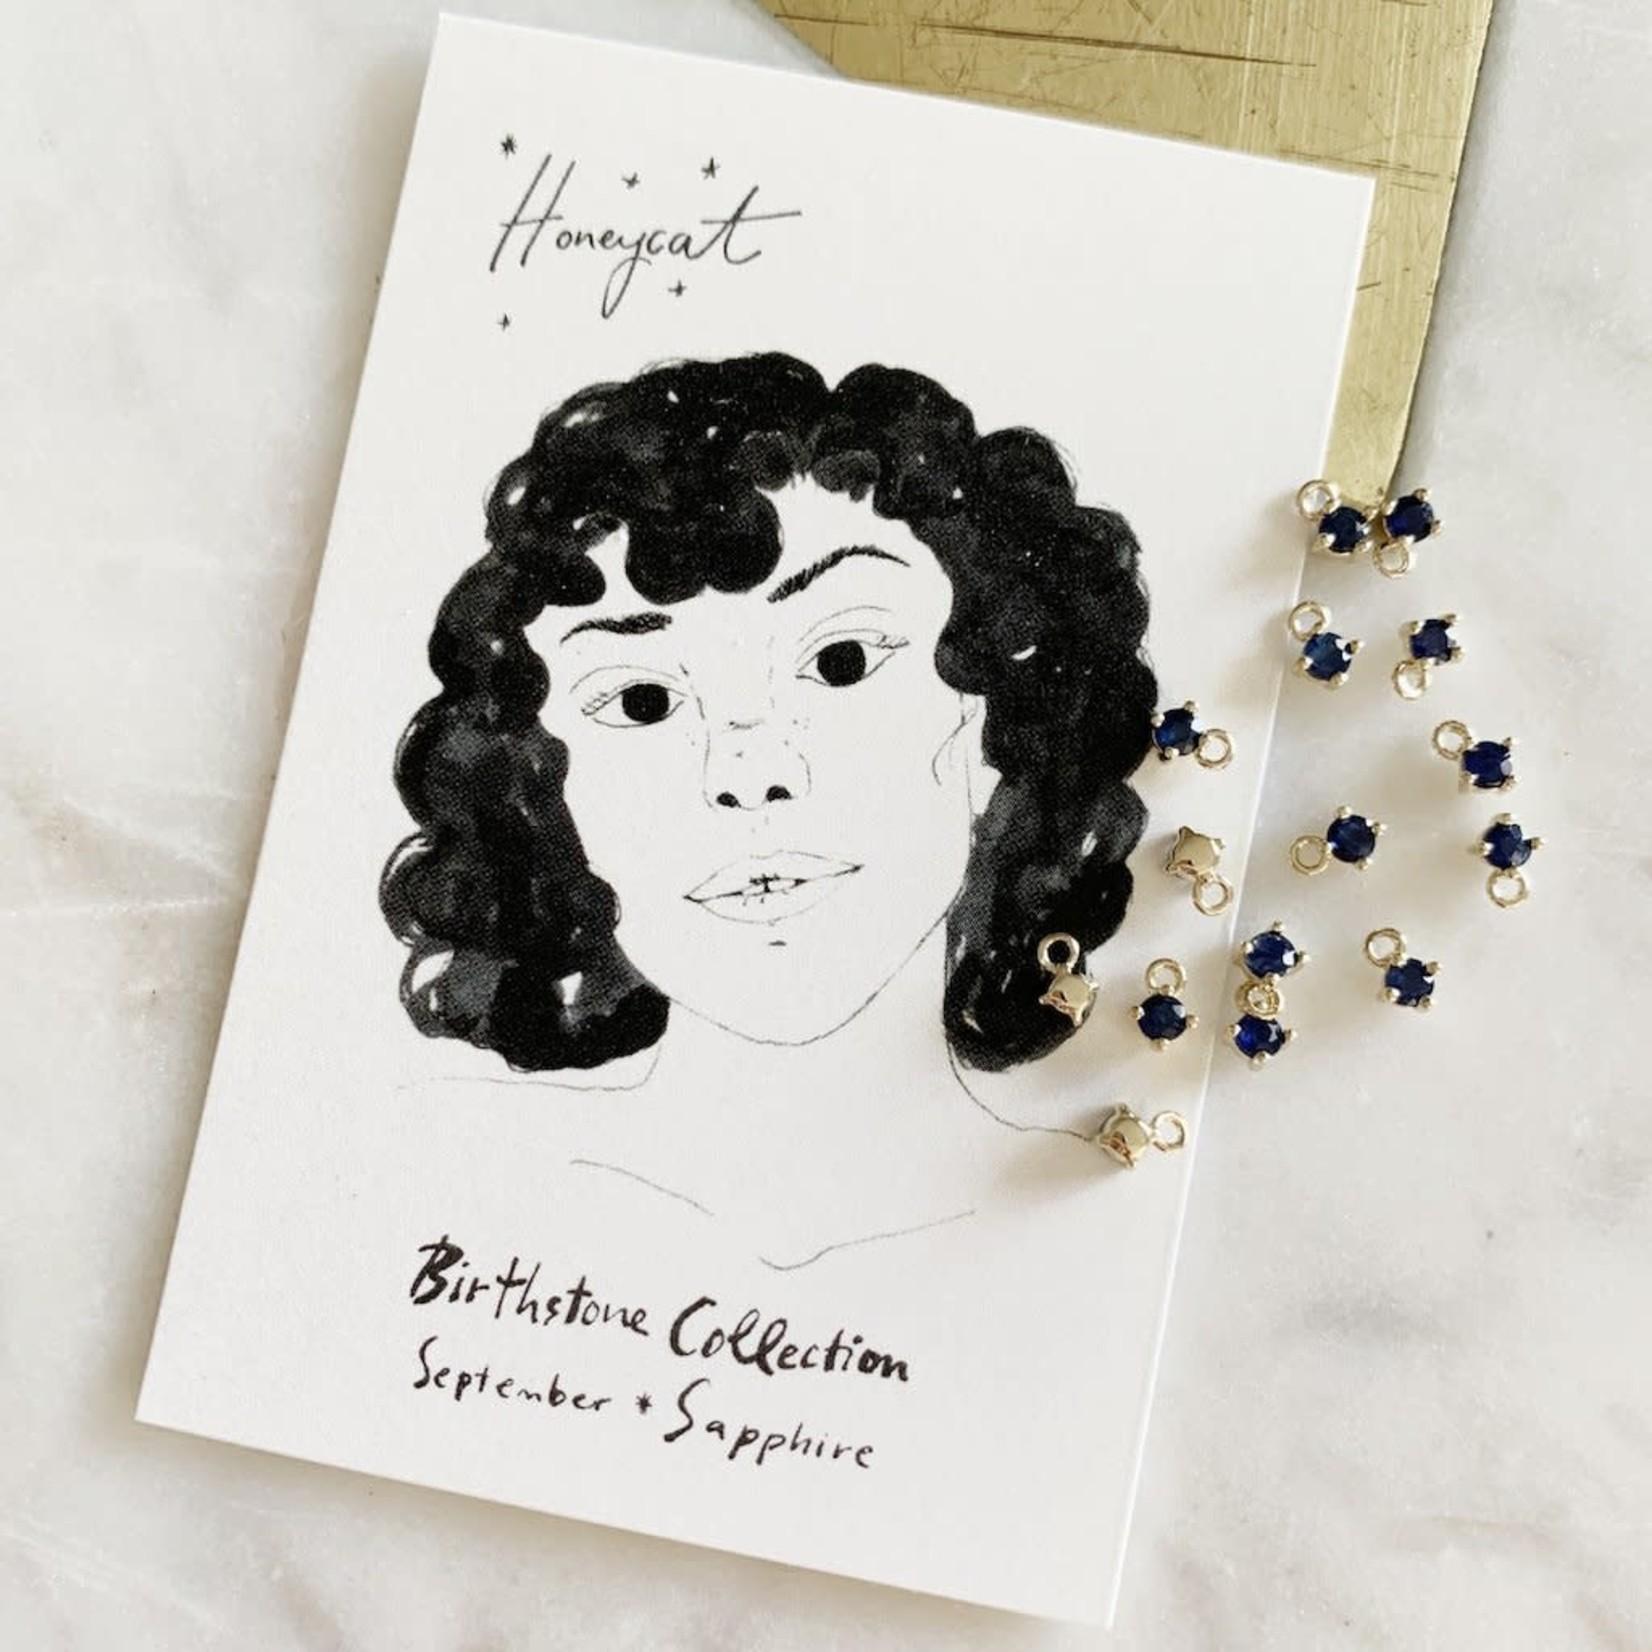 Honeycat Jewelry Honeycat Petite Birthstone Charm - Sapphire September